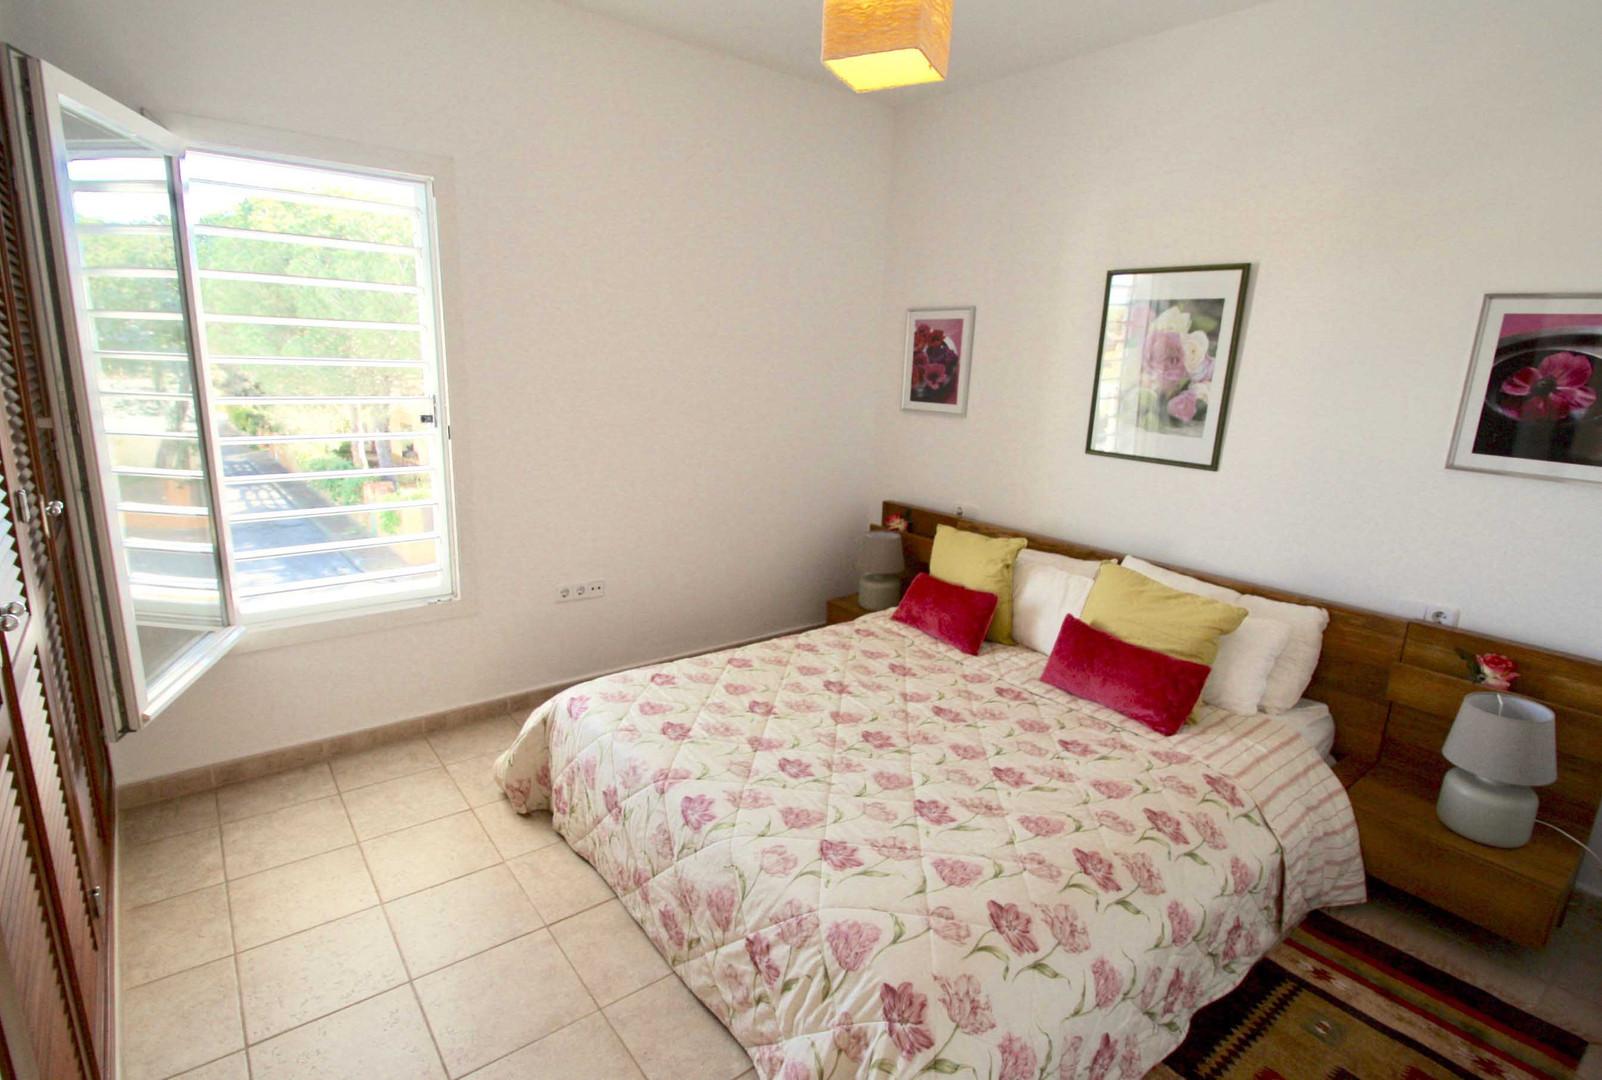 Hauptschlafzimmer mit Ehebett